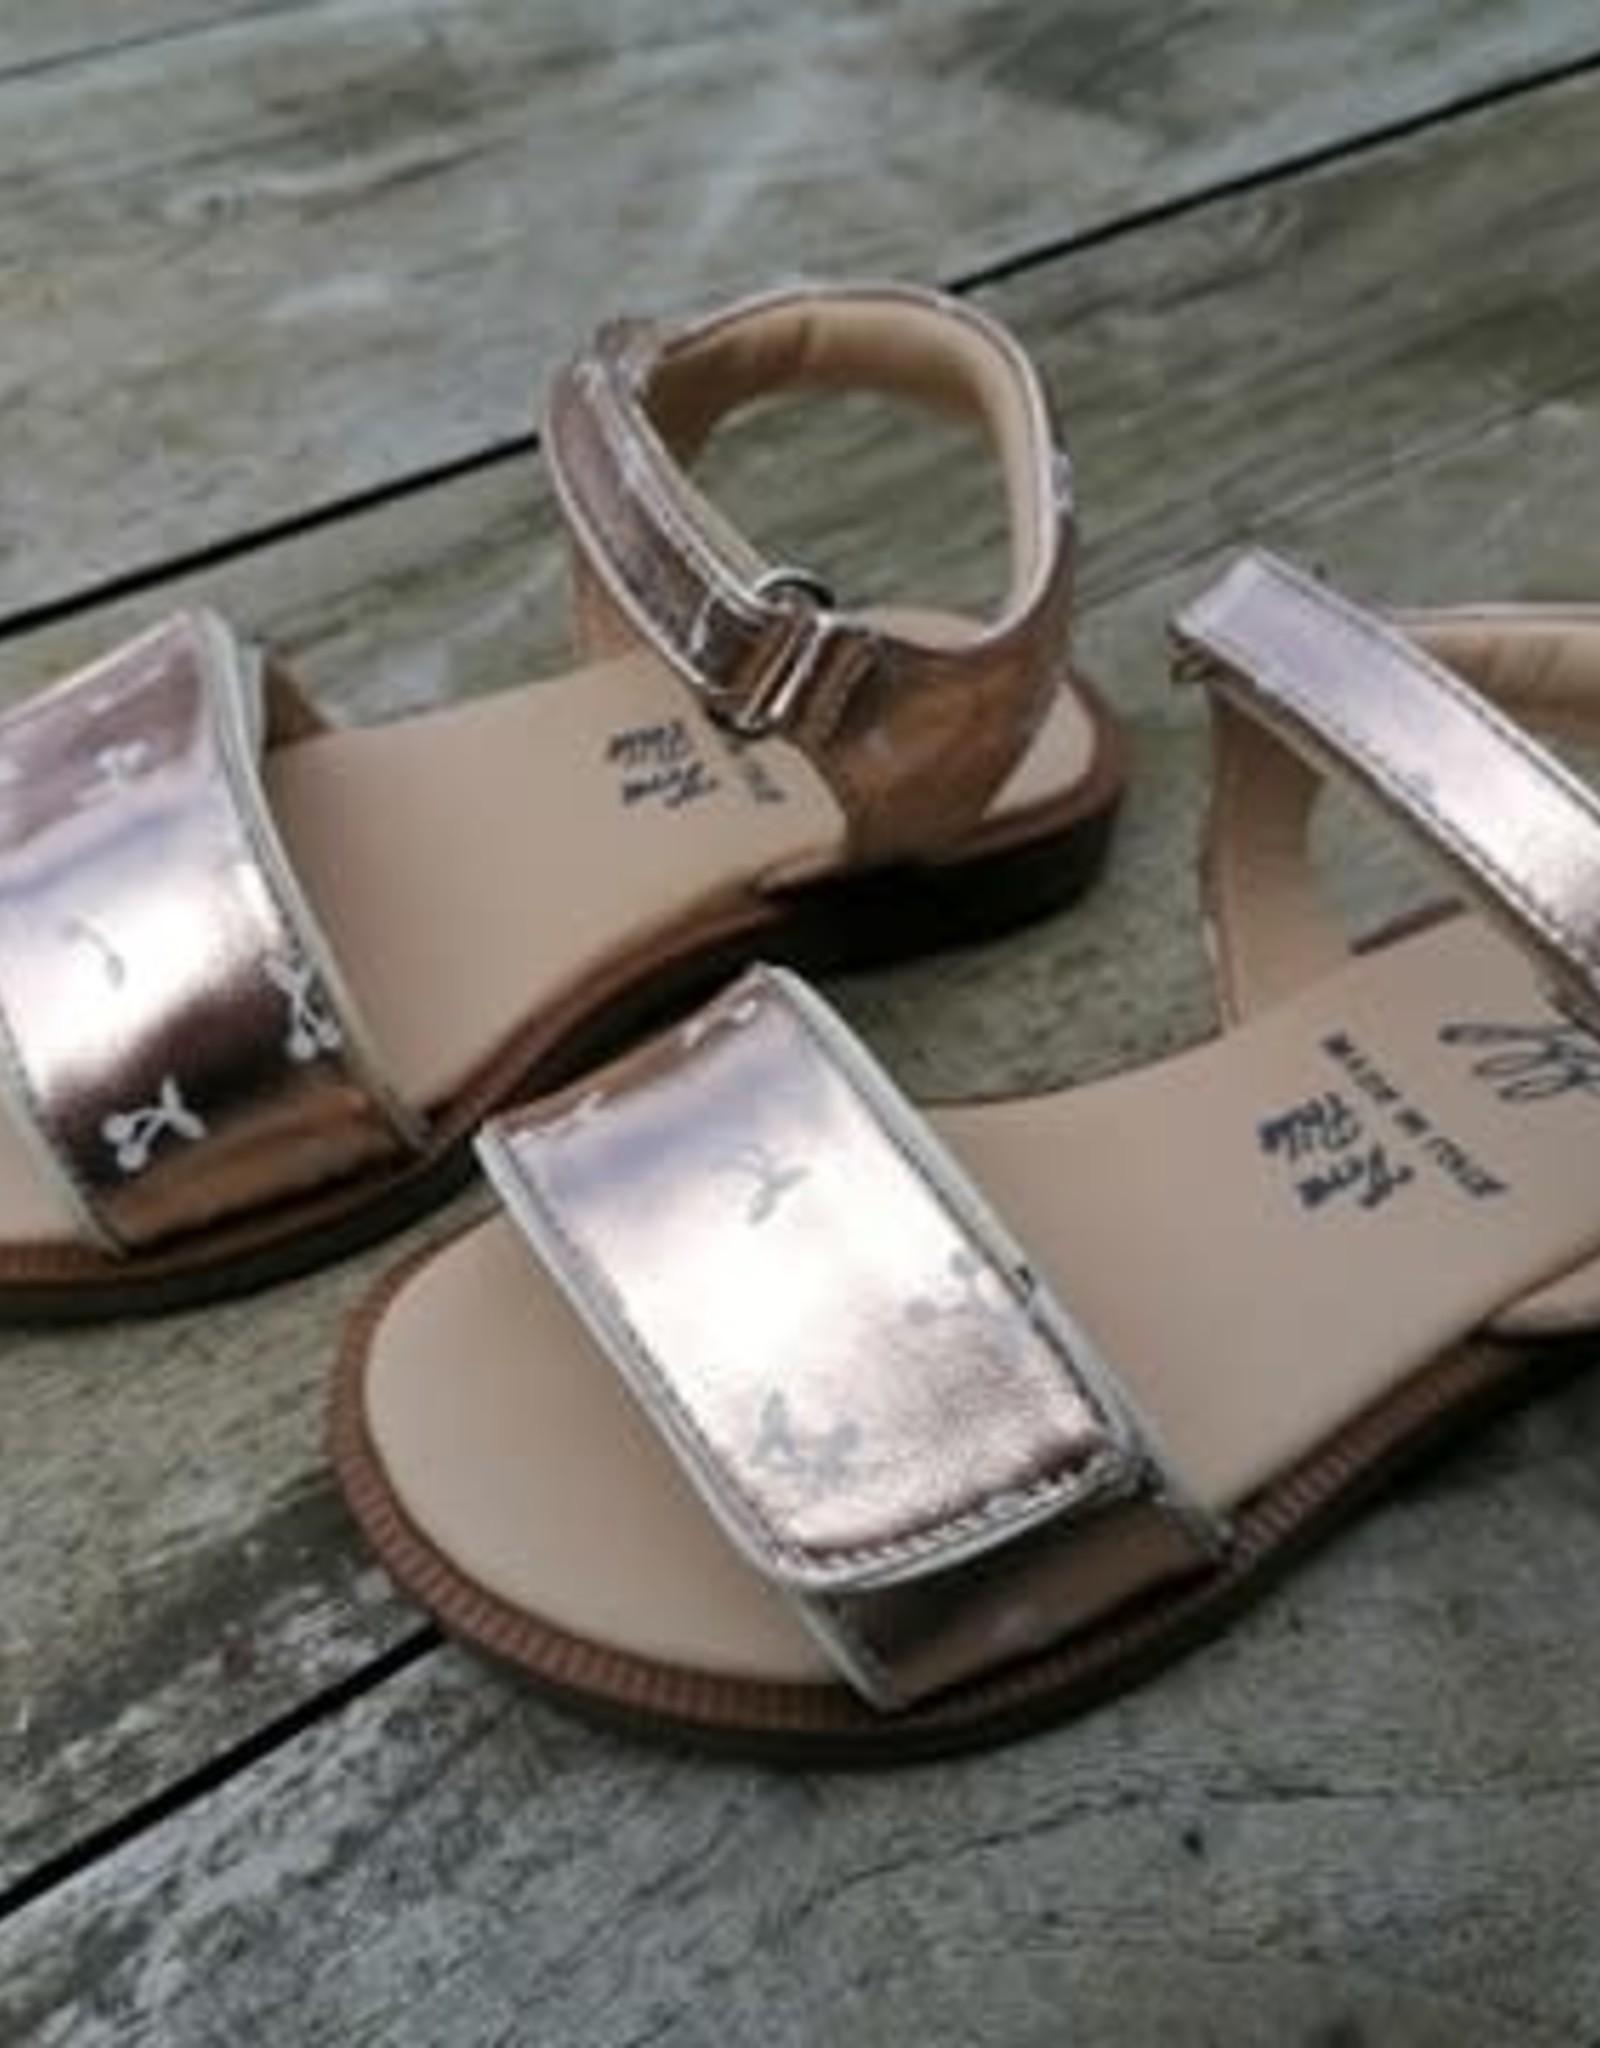 JFF Jff sandaal goud met kersjes